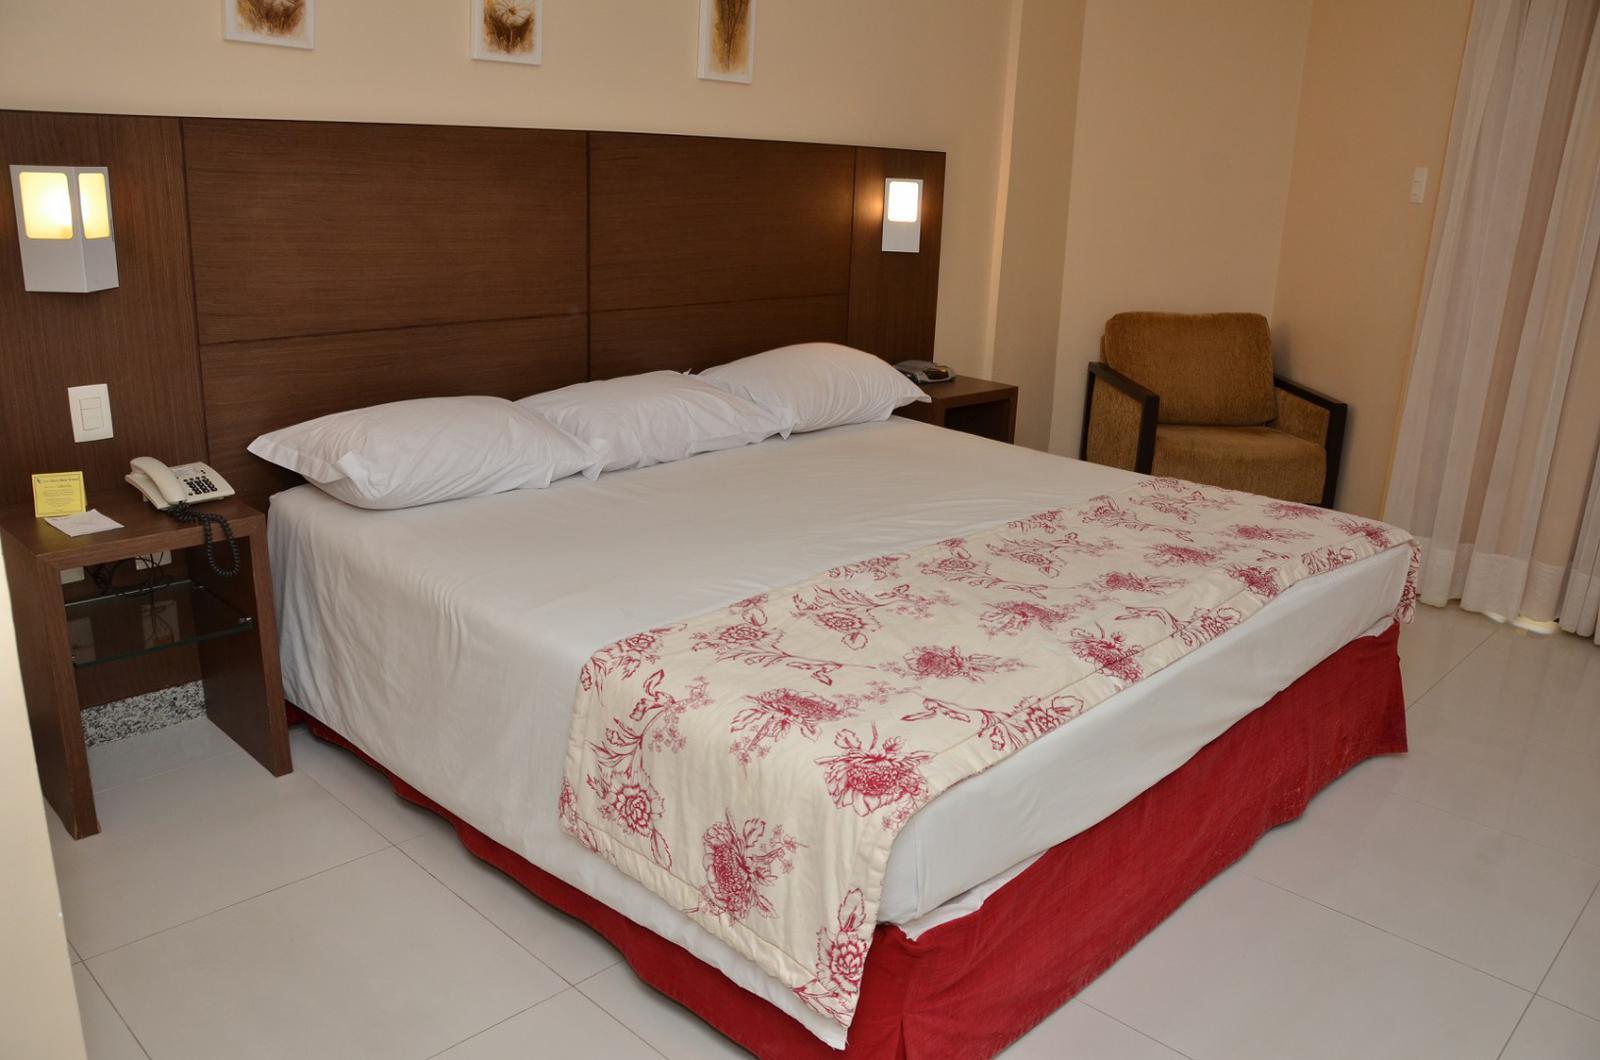 casa-room-Aguarios hotel Aracaju brazil world cup